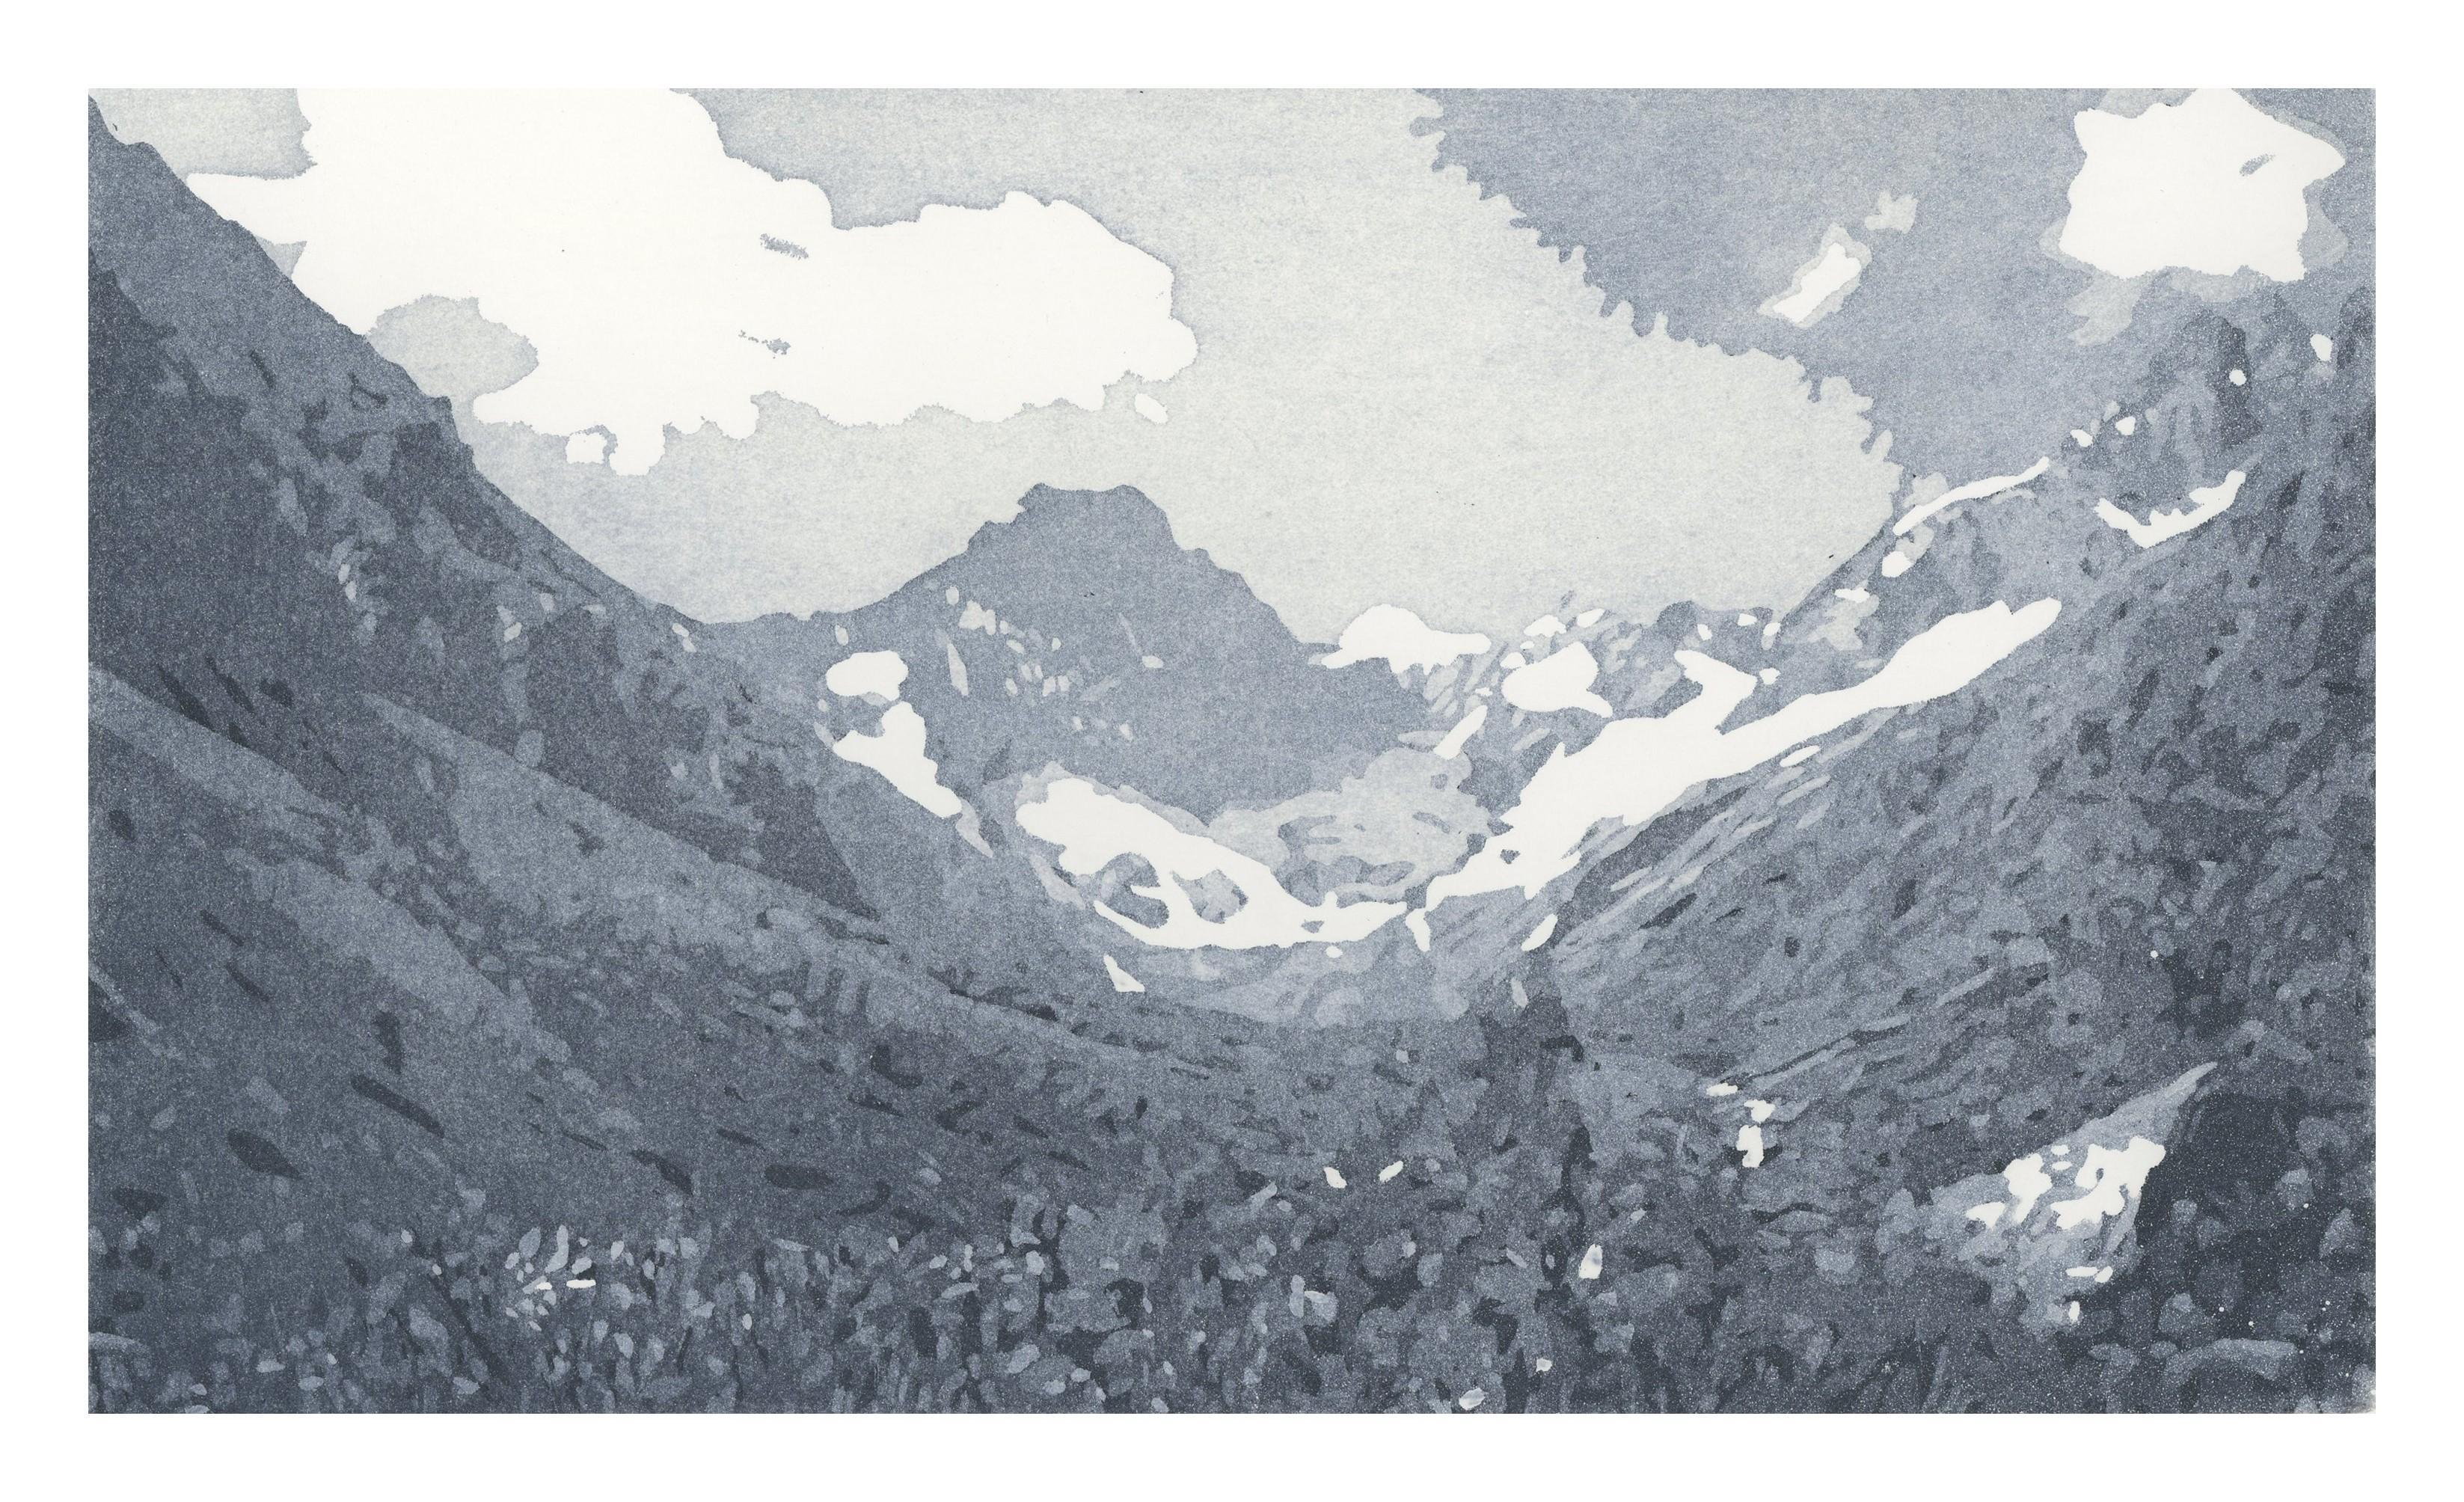 Vallon des Etages - Nicole Guézou - KAZoART